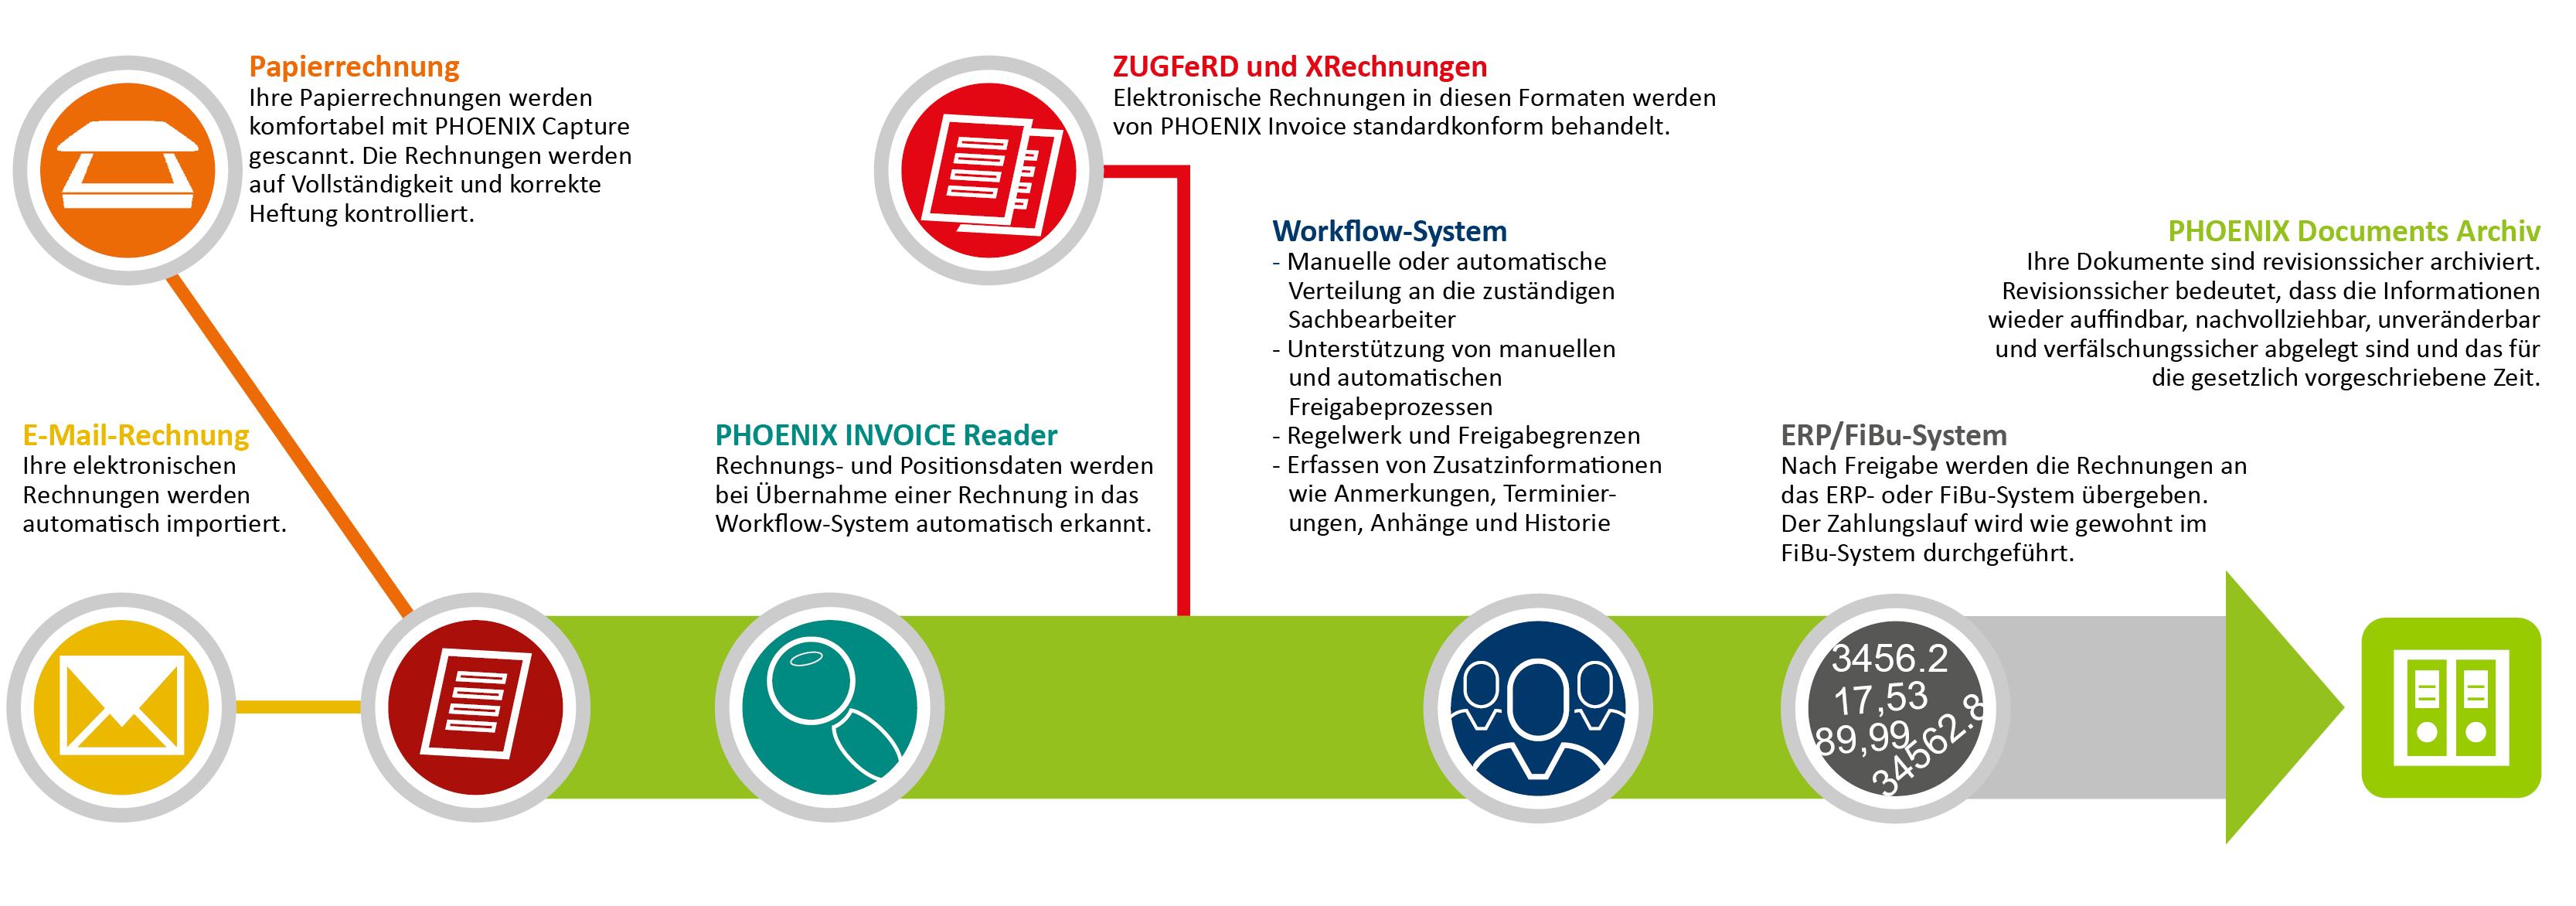 iquadrat Webgrafik Invoice 2